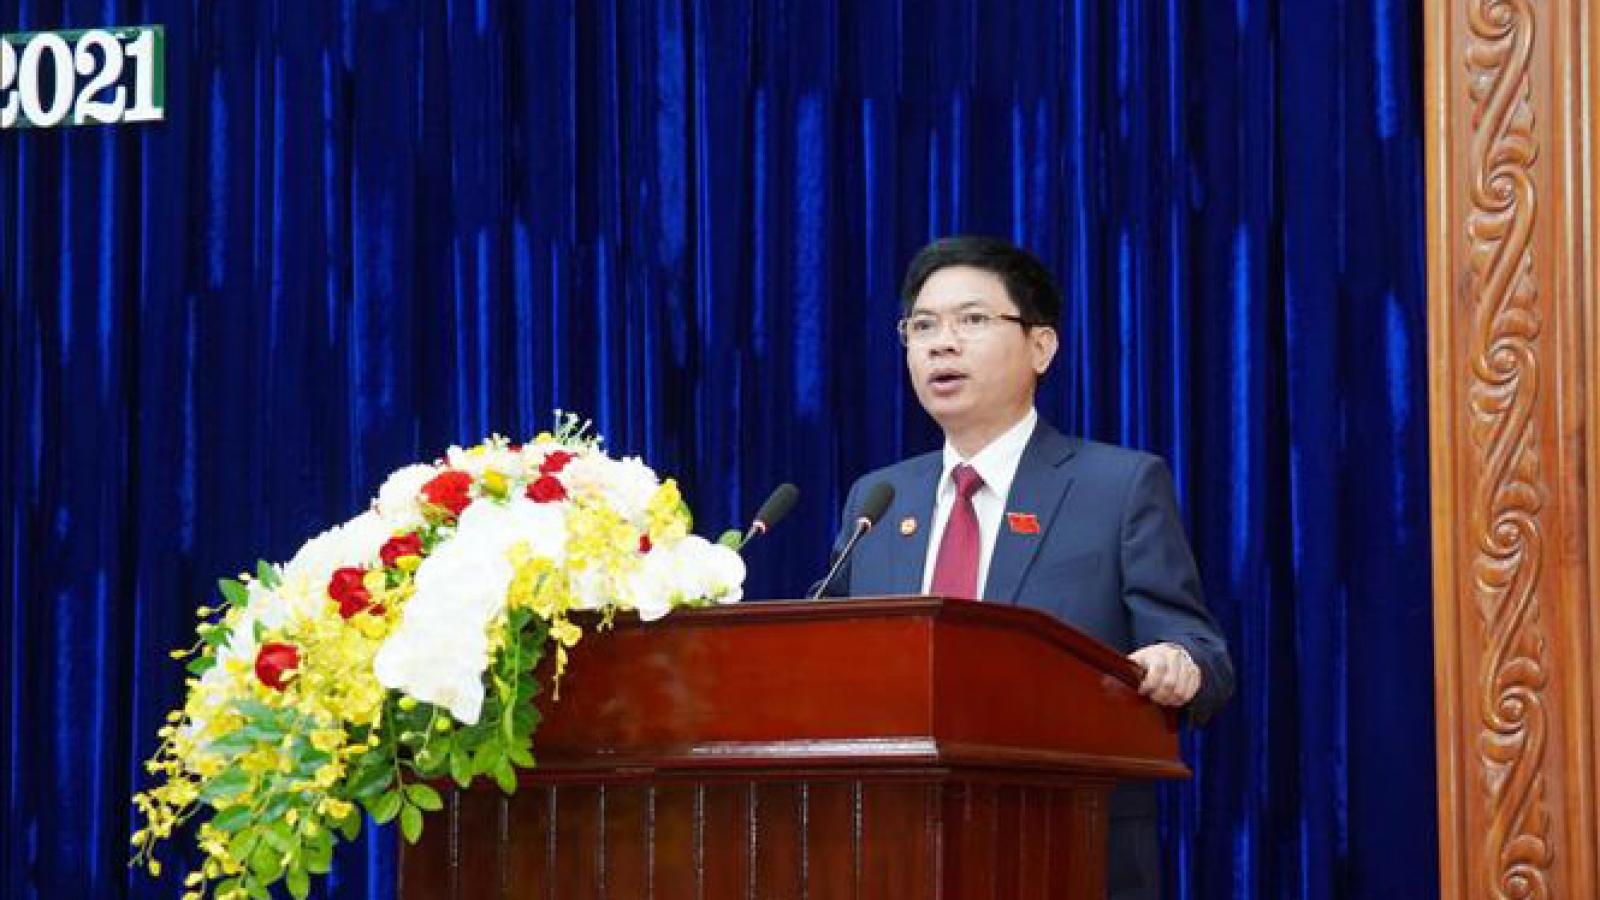 Tân Chủ tịch UBND tỉnh Hà Nam Trương Quốc Huy trưởng thành từ doanh nghiệp